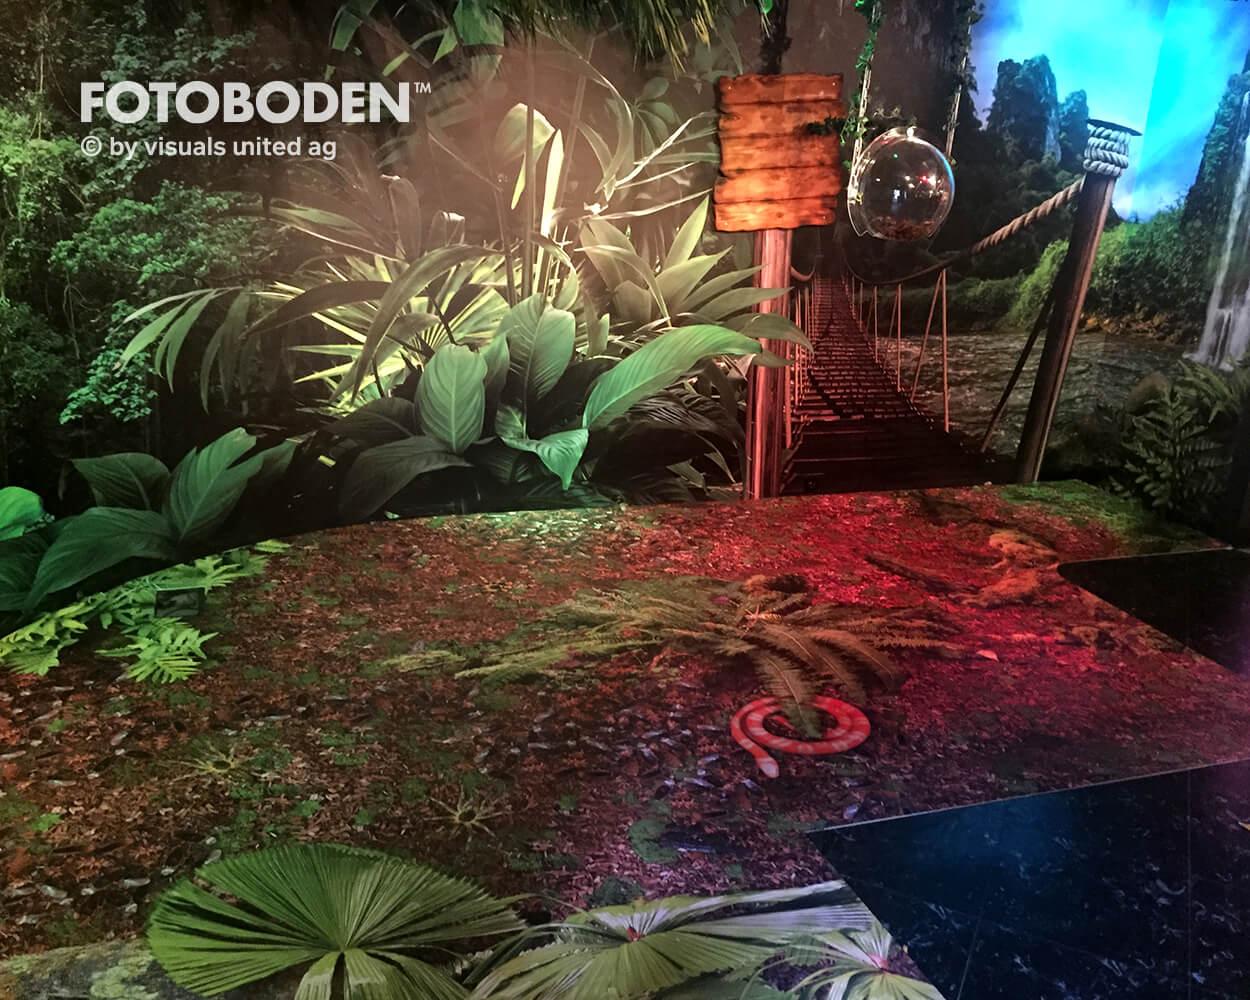 Madame Tussauds2 Ausstellung Museum  Raumkonzept Stimmung Museumsboden Ausstellungsboden Fotoboden Vinylboden Flooring Individuell Event